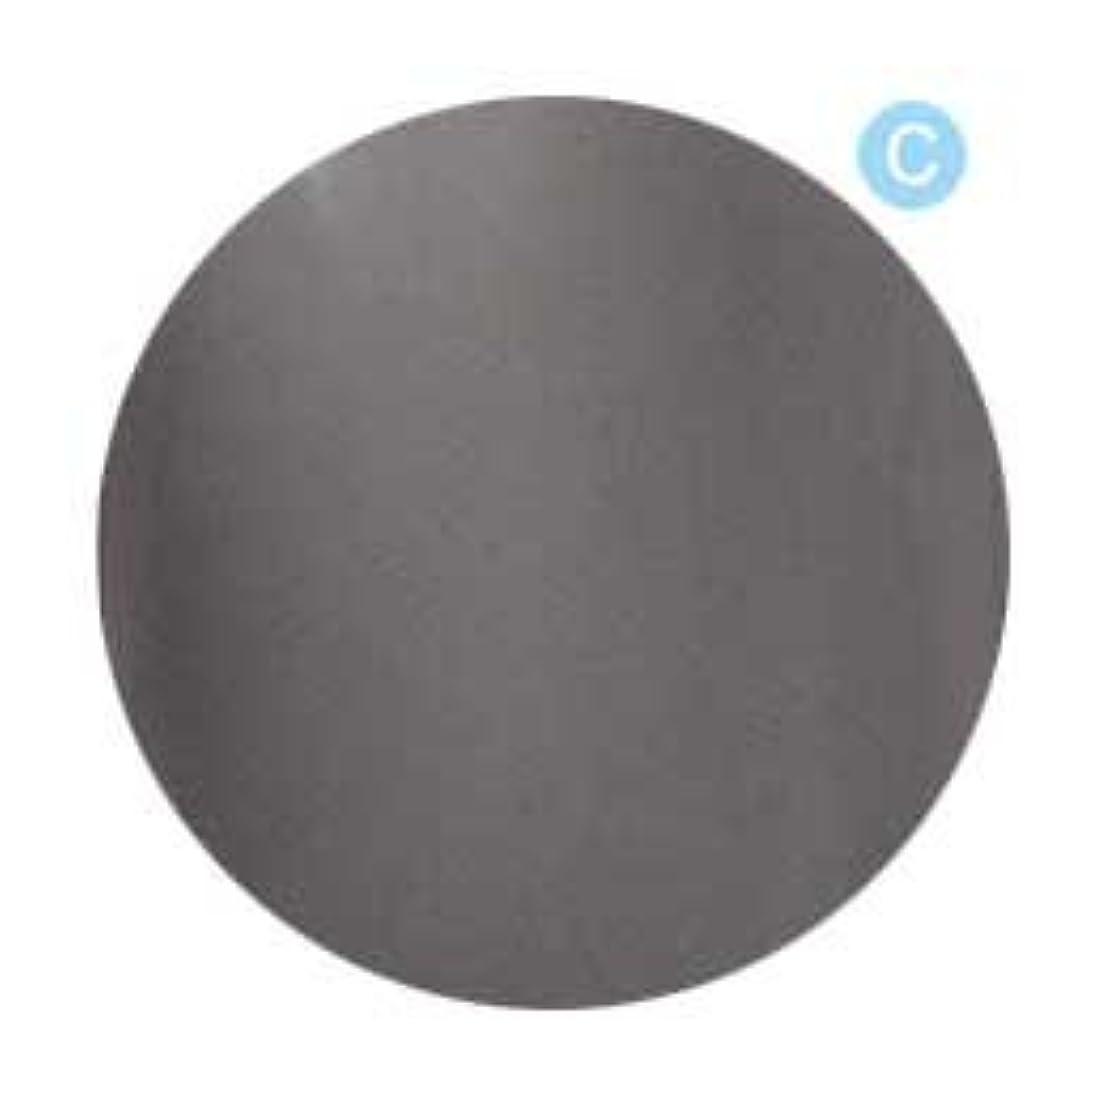 より良いバイオレット肩をすくめるPalms Graceful カラージェル 3g 026 クリアブラック